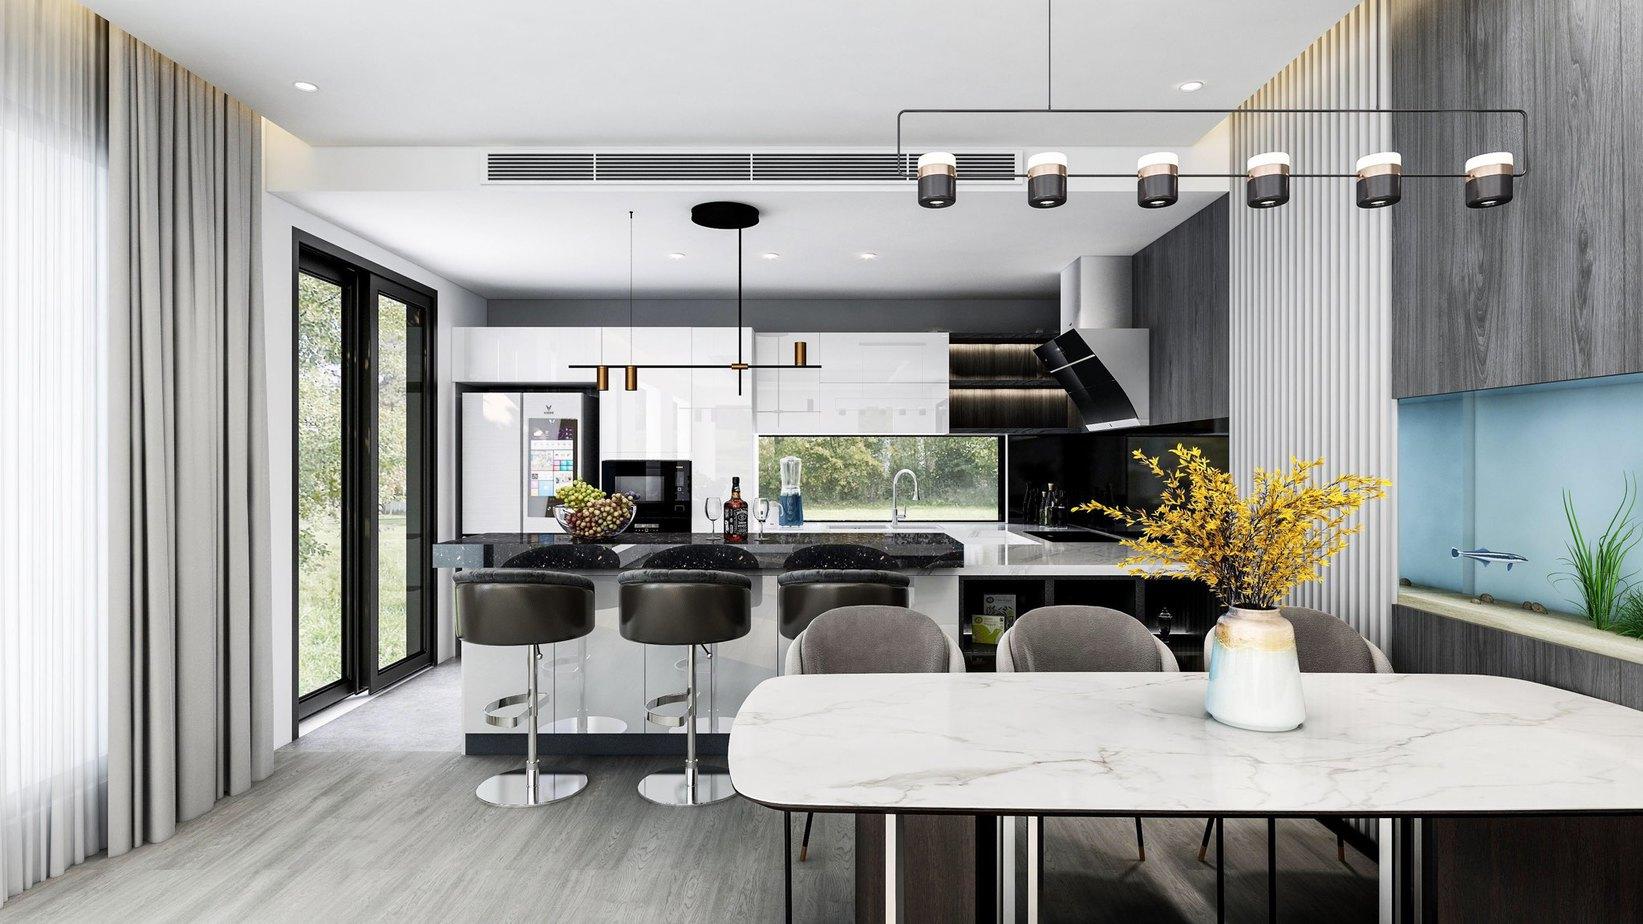 Ngoài hệ thống điện chiếu sáng, việc tận dụng ánh sáng tự nhiên từ các ô cửa lớn giúp căn bếp trở nên thoáng và rộng rãi hơn.